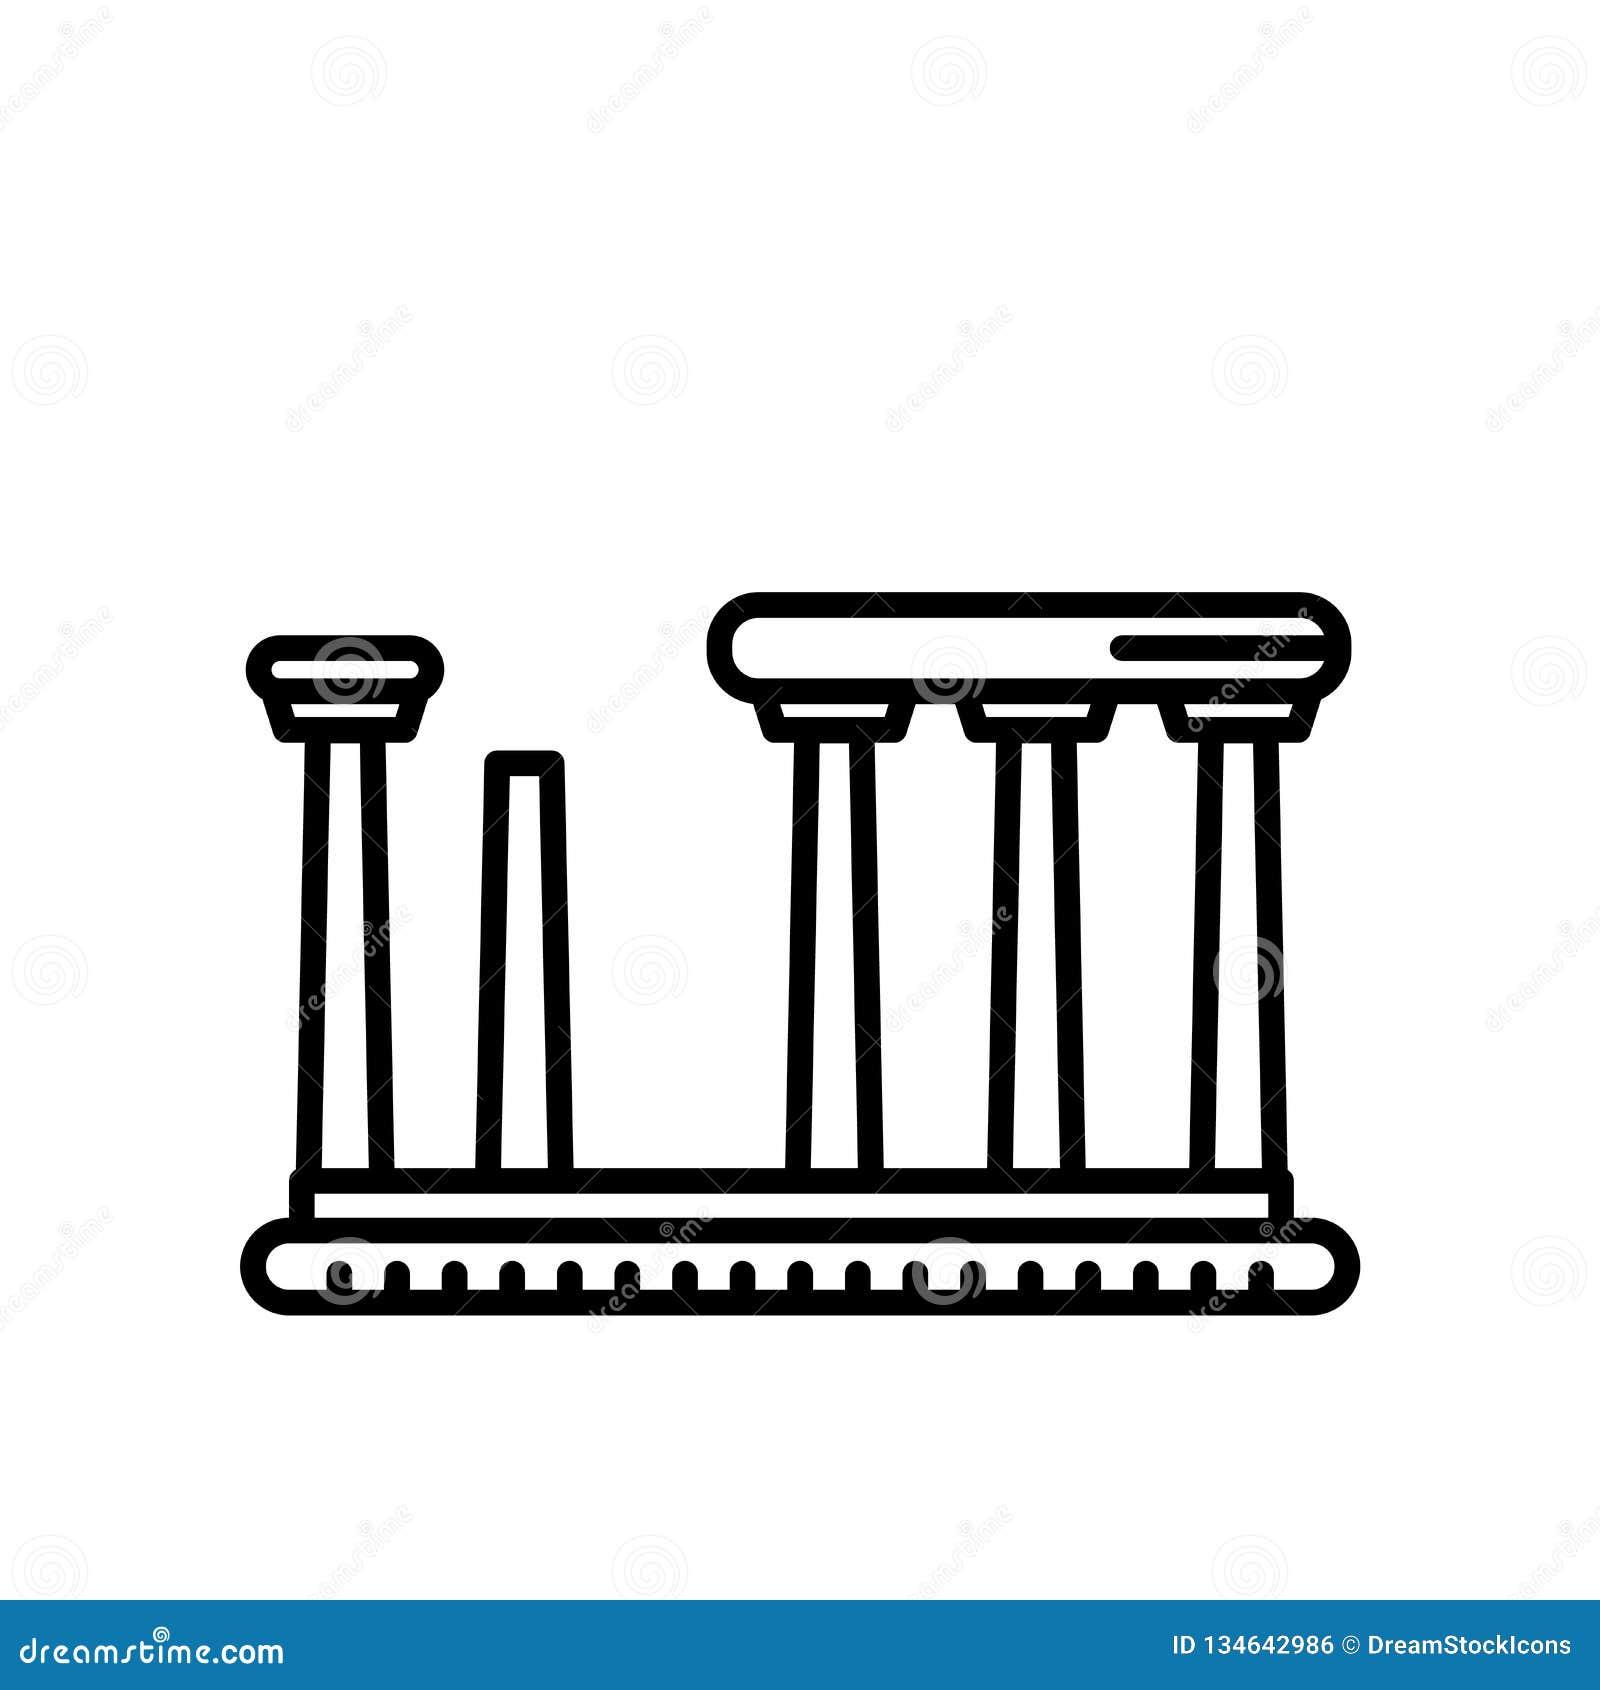 Templo do vetor do ícone de Apollo isolado no fundo branco, templo do sinal de Apollo, linha ou sinal linear, projeto do elemento